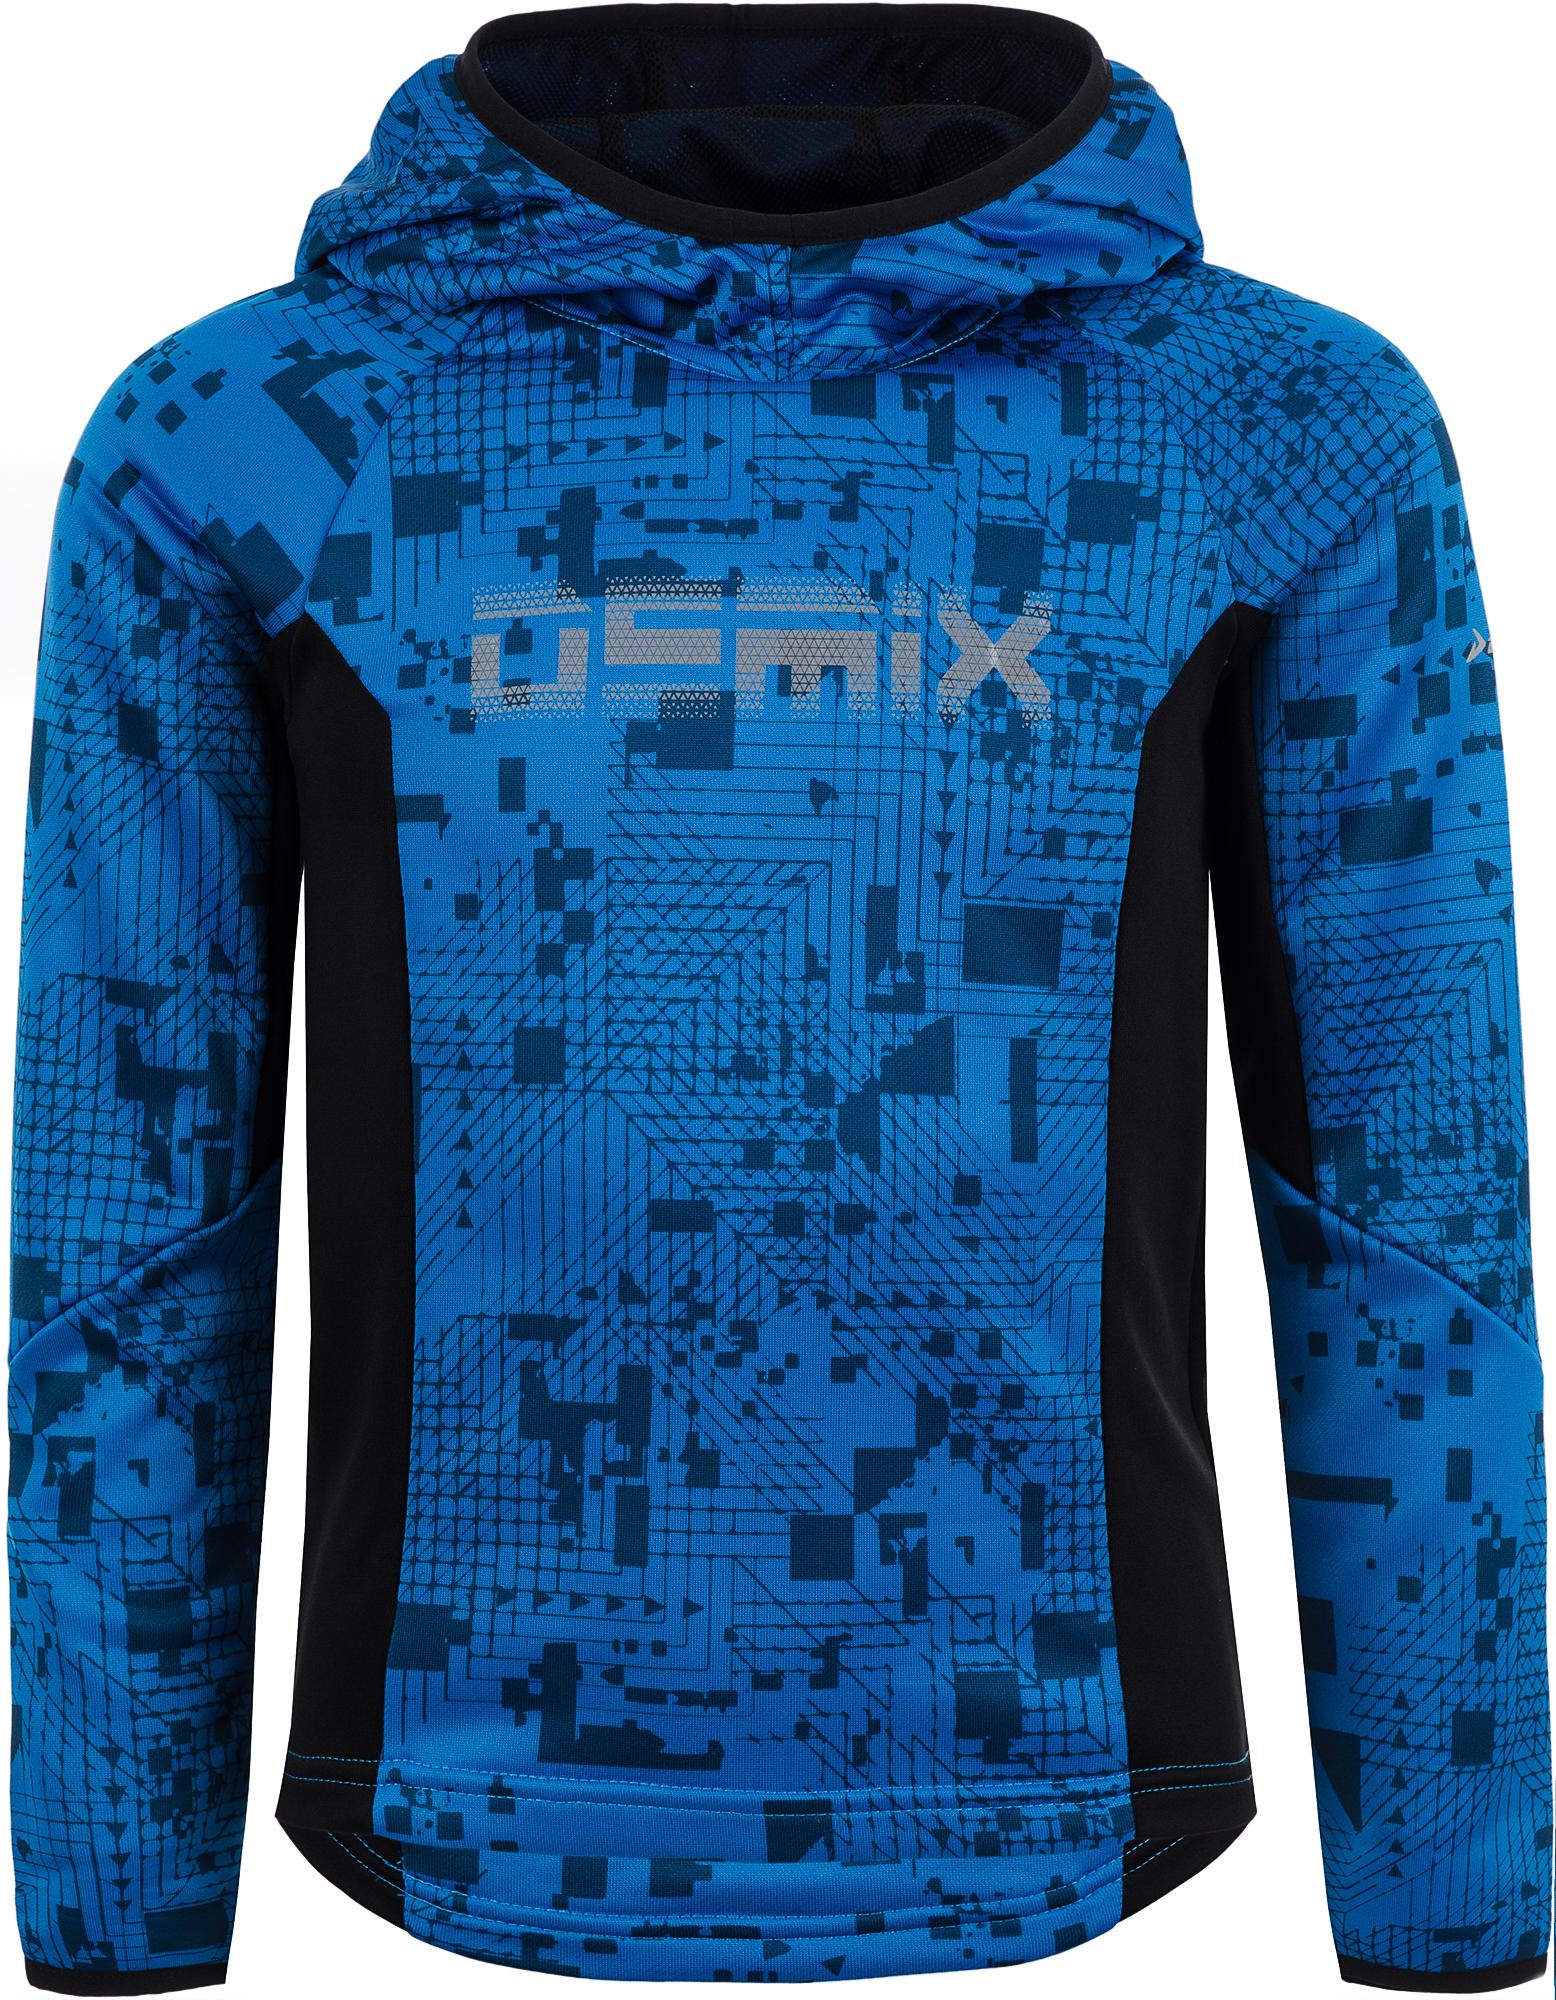 Demix Джемпер для мальчиков Demix, размер 170